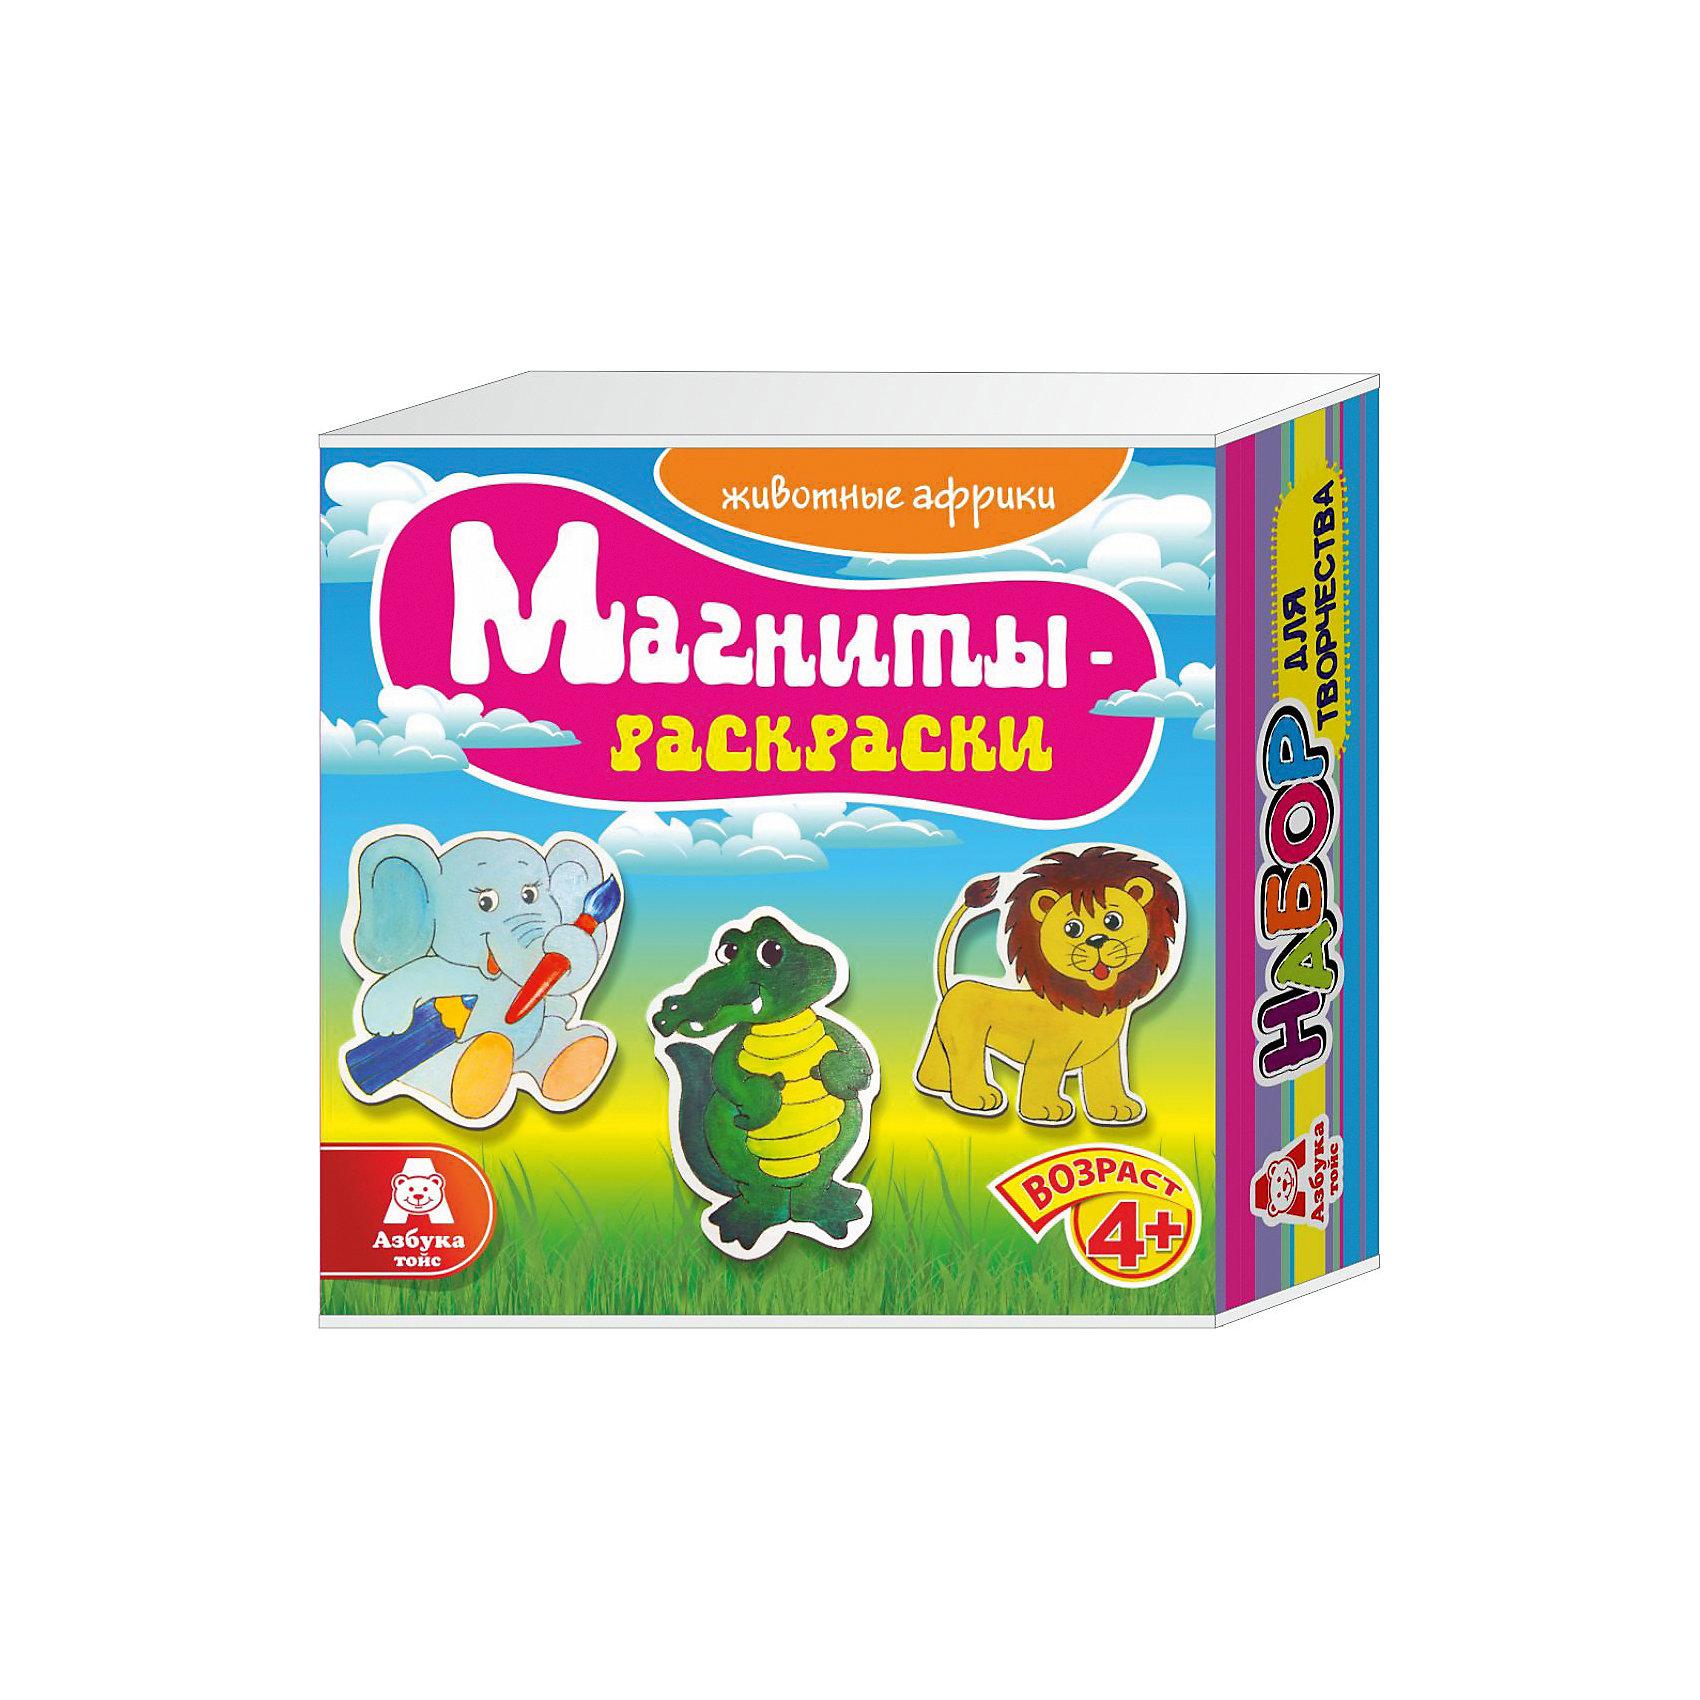 Магниты-раскраски Животные АфрикиРисование<br>Магниты-раскраски Животные Африки.<br><br>Характеристики:<br><br>- Для детей от 4 лет<br>- В наборе: 3 деревянных элемента с изображением, набор акриловых красок из 6 цветов, кисточка, магниты, палитра, инструкция<br>- Изготовитель: ООО Азбука Тойз<br>- Сделано в России<br>- Упаковка: картонная коробка<br>- Размер упаковки: 14х5х14 см.<br>- Вес: 174 гр.<br><br>Набор магниты-раскраски Животные Африки поможет ребенку проявить свои творческие способности и познакомиться с цветами, красками и оттенками. В наборе имеются 3 фигурки из натурального дерева в виде крокодила, слоненка и львенка, которые нужно раскрасить красками. Фигурки можно раскрасить акриловыми красками, входящими в набор, а так же пальчиковыми красками, карандашами, пластилином или восковыми мелками. Фигурки будут хорошо держаться на холодильнике или любой другой металлической поверхности благодаря надежным магнитам. С набором для творчества магниты-раскраски Животные Африки ваш ребенок разовьет воображение, художественные навыки и цветовосприятие.<br><br>Магниты-раскраски Животные Африки можно купить в нашем интернет-магазине.<br><br>Ширина мм: 140<br>Глубина мм: 50<br>Высота мм: 140<br>Вес г: 174<br>Возраст от месяцев: 48<br>Возраст до месяцев: 108<br>Пол: Унисекс<br>Возраст: Детский<br>SKU: 5062910